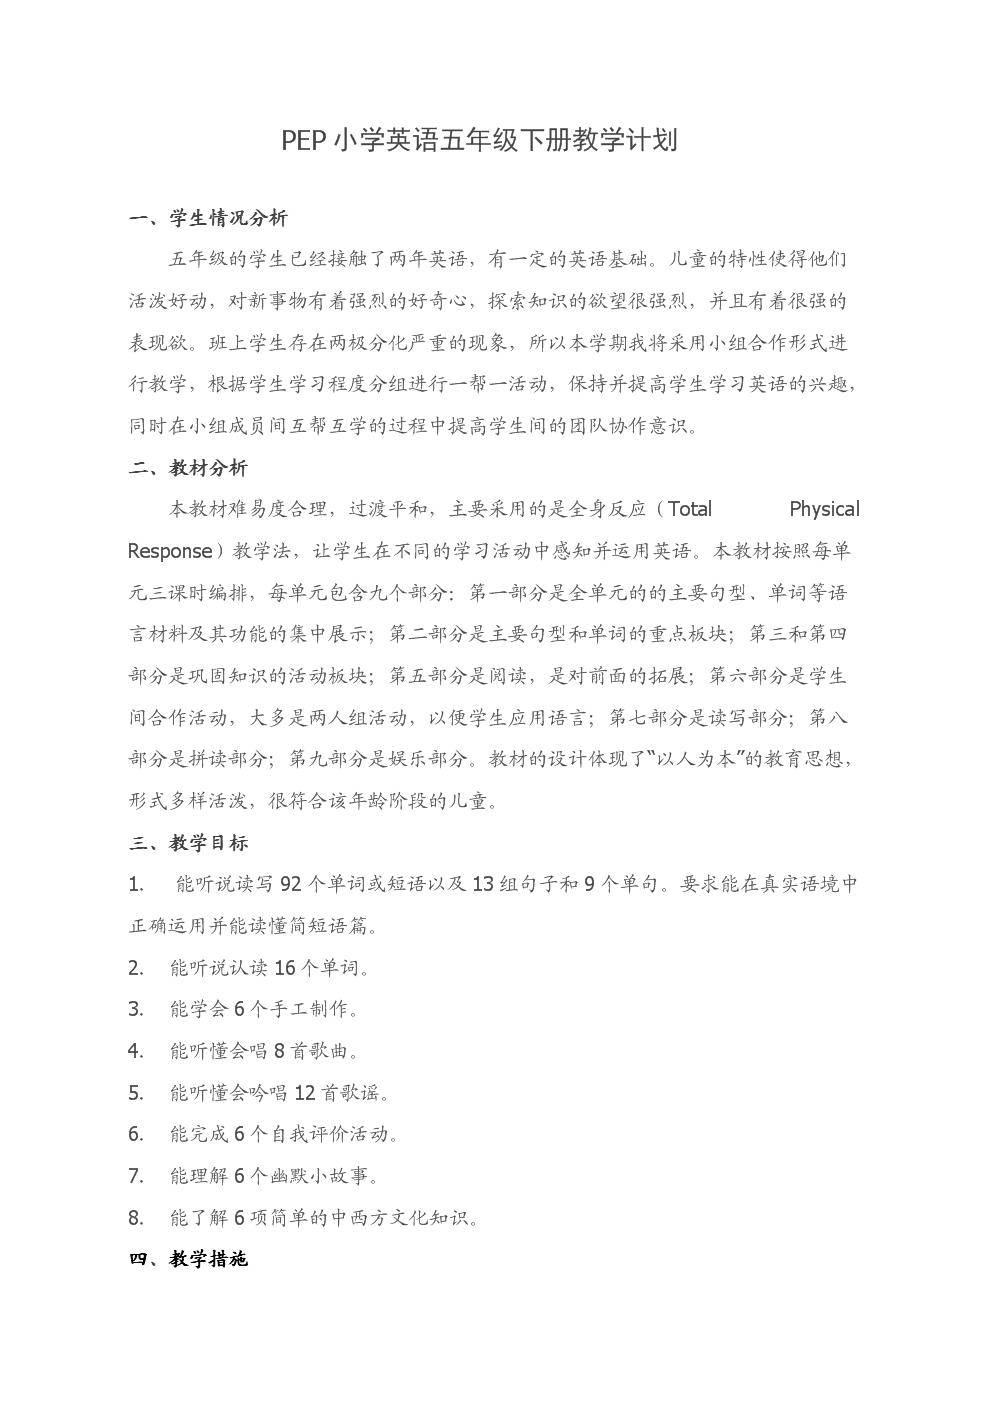 (新)五年级英语下册教学进度表.doc